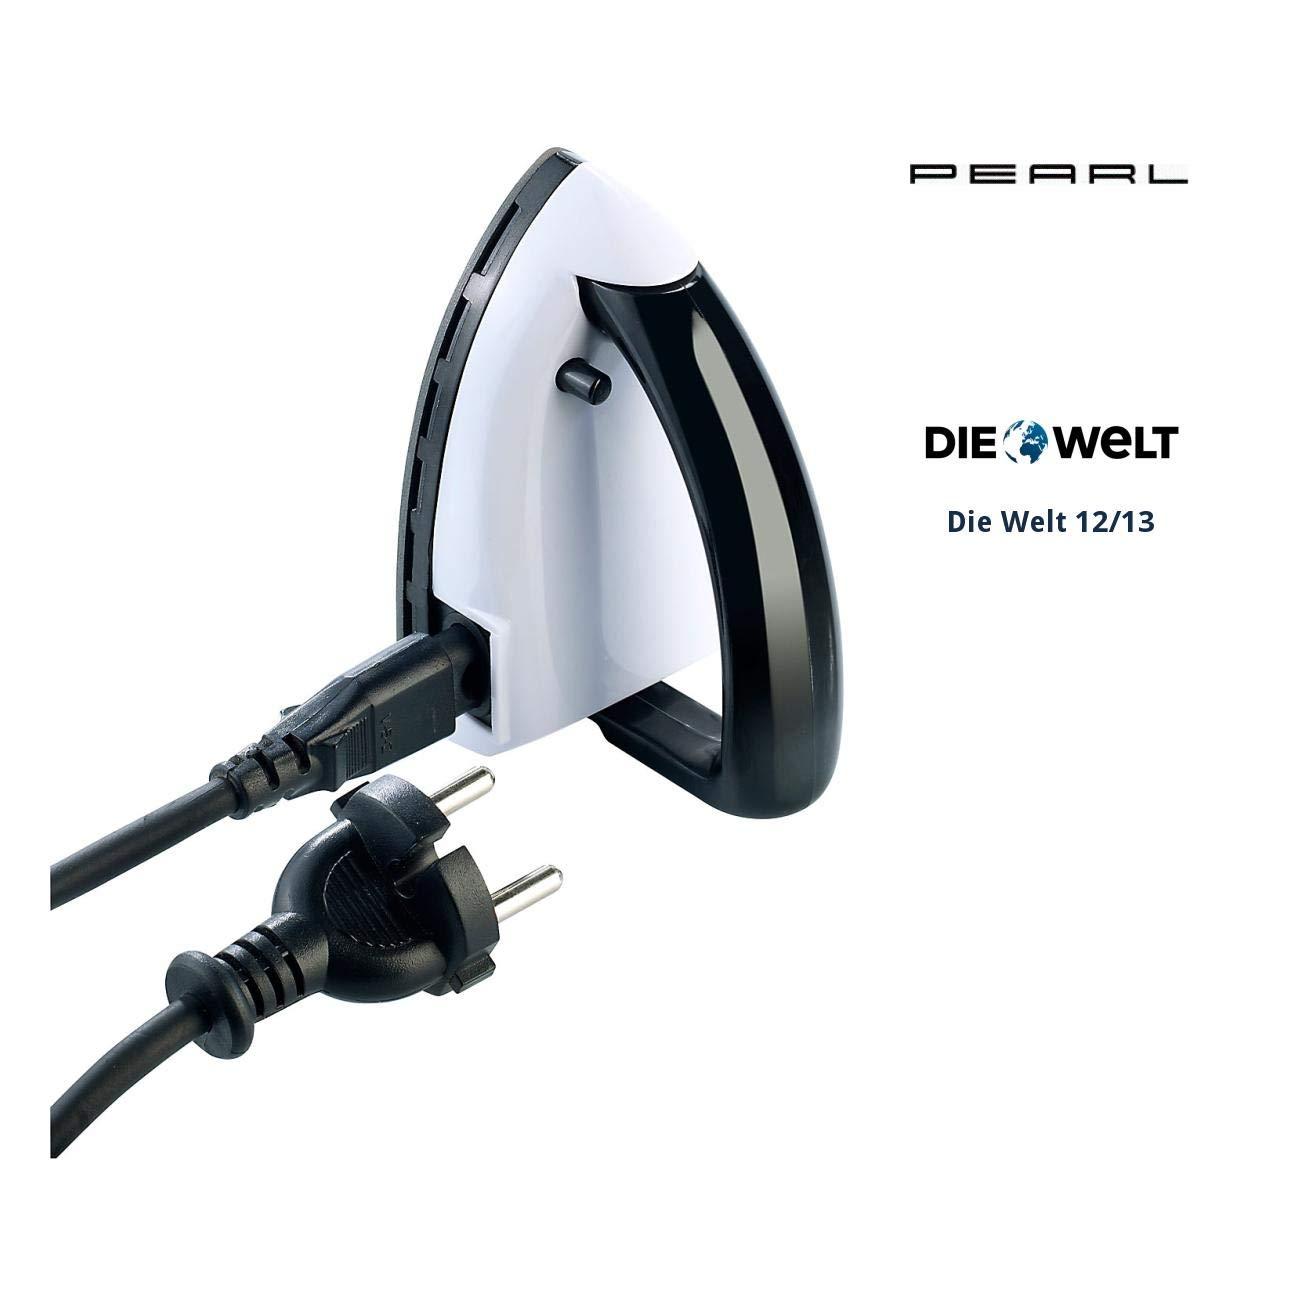 Pearl Mini ferro da stiro da viaggio: mini ferro da stiro da viaggio con protezione da surriscaldamento e LED di controllo (piastre).